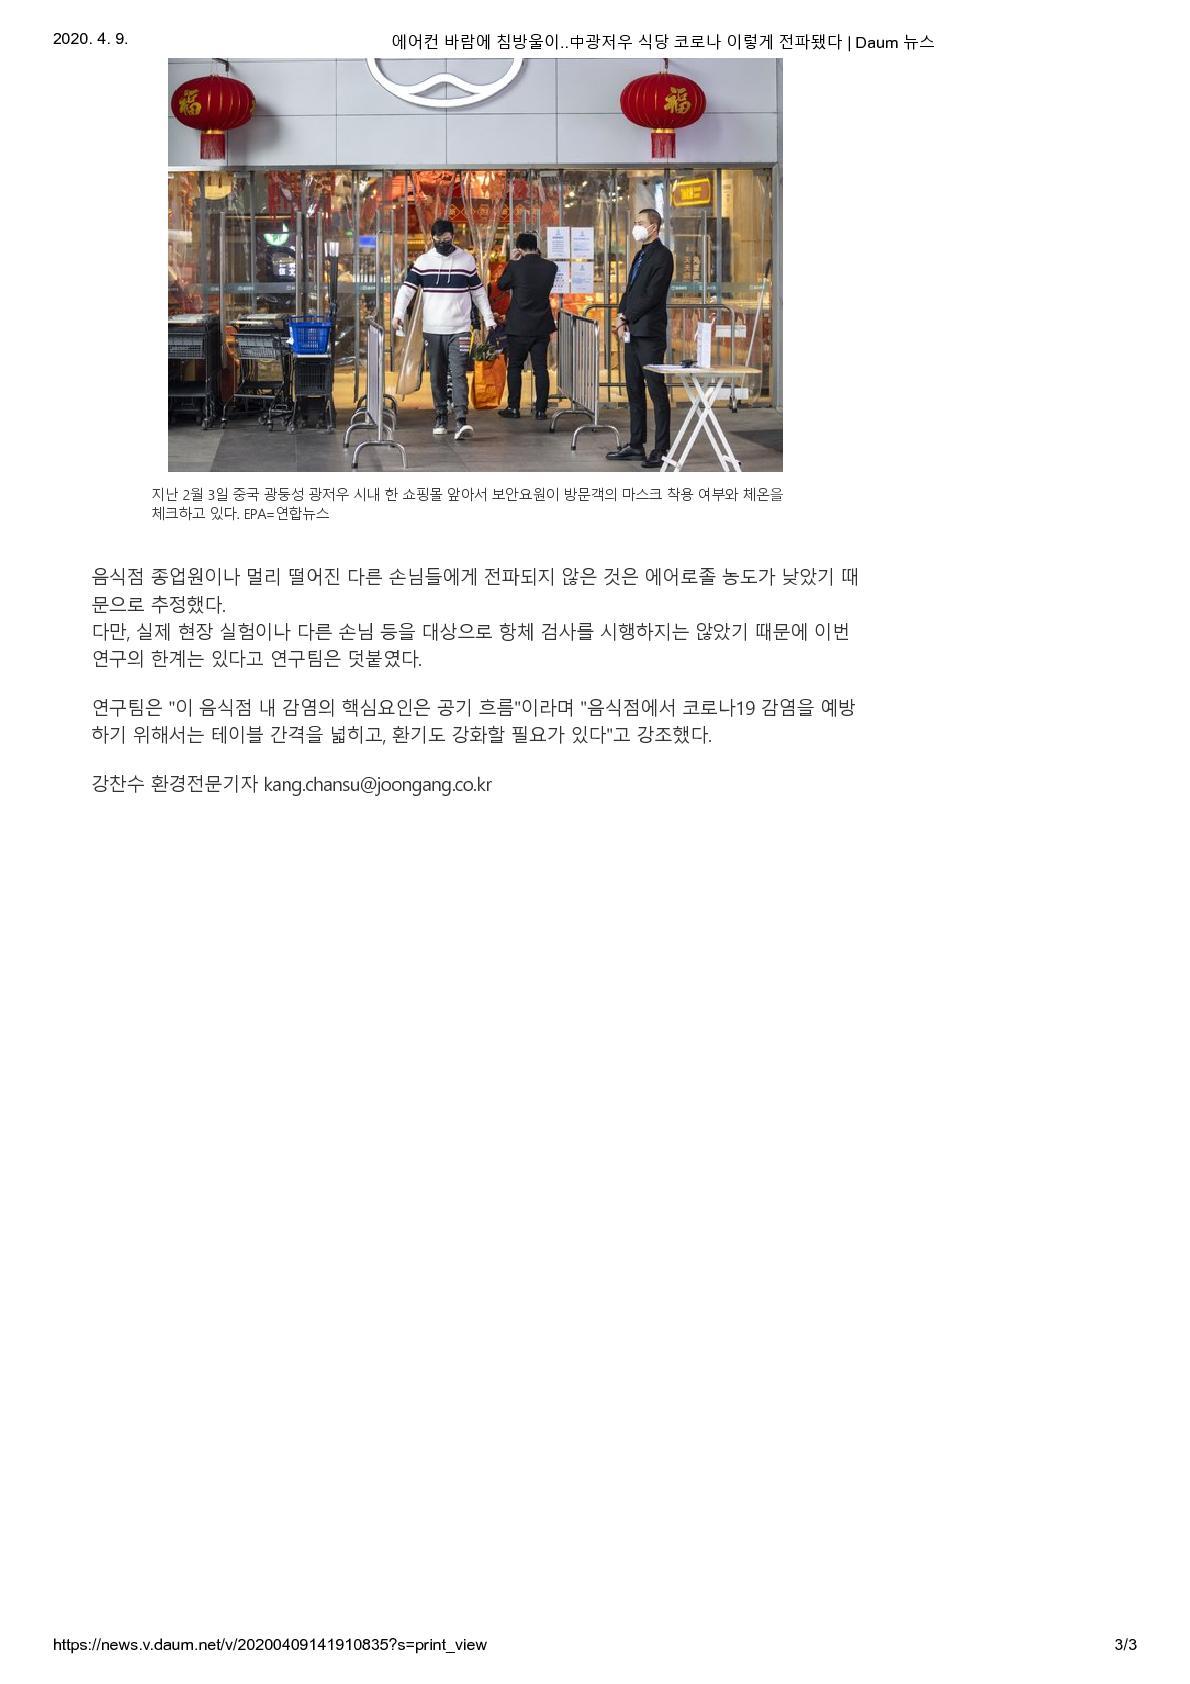 에어컨 바람에 침방울이..中광저우 식당 코로나 이렇게 전파됐다 _ Daum 뉴스_3.jpg